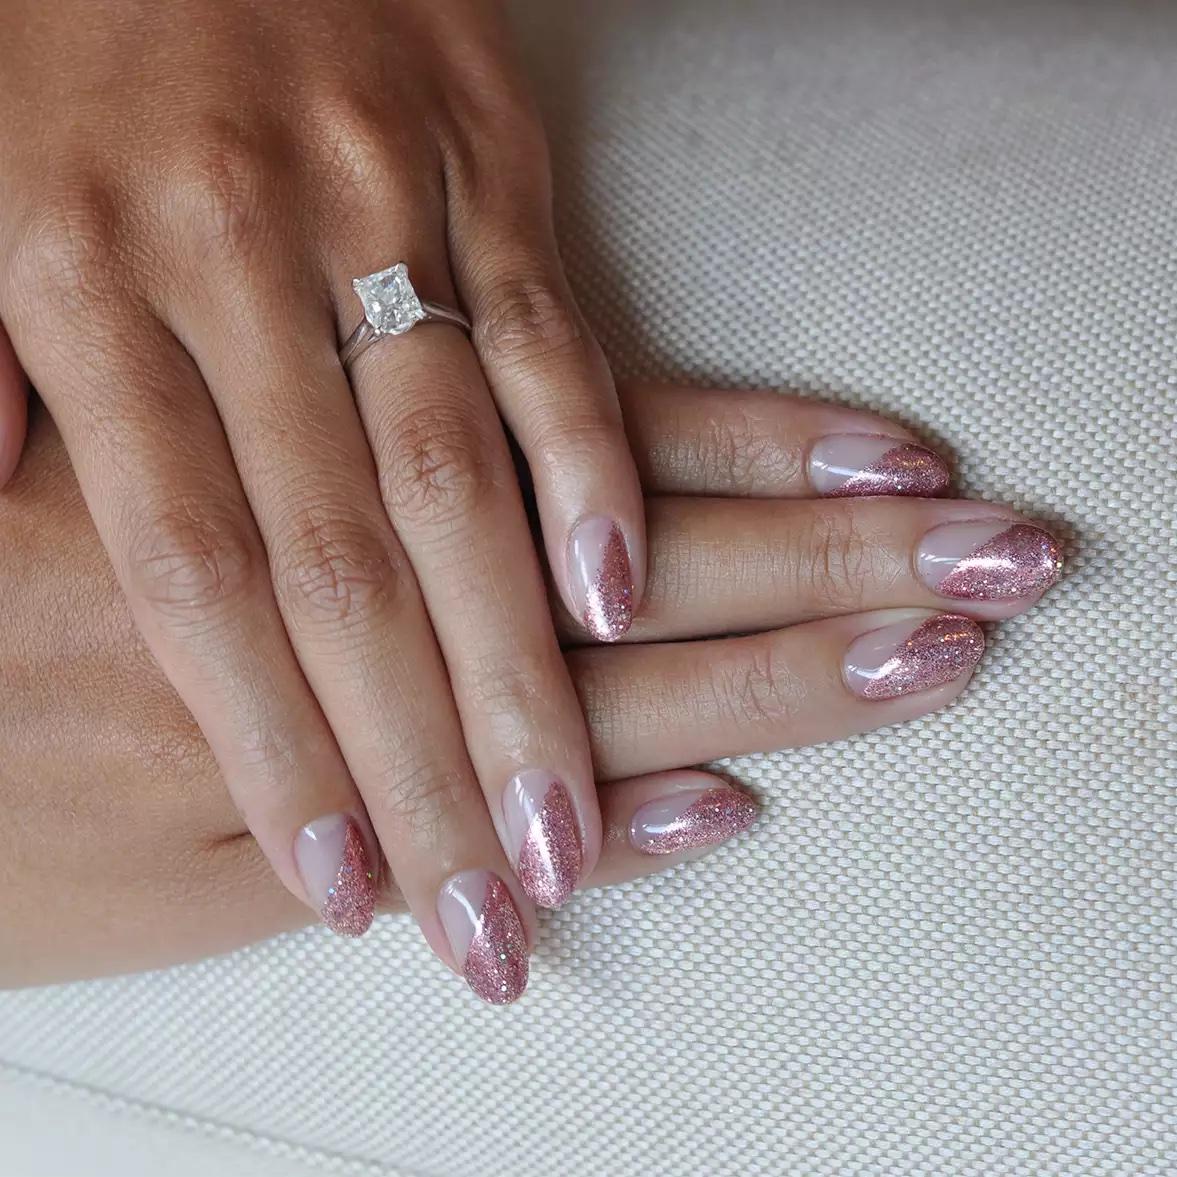 Tendencias en manicure para novias 2021 2022 - - Wedding Hub - 03